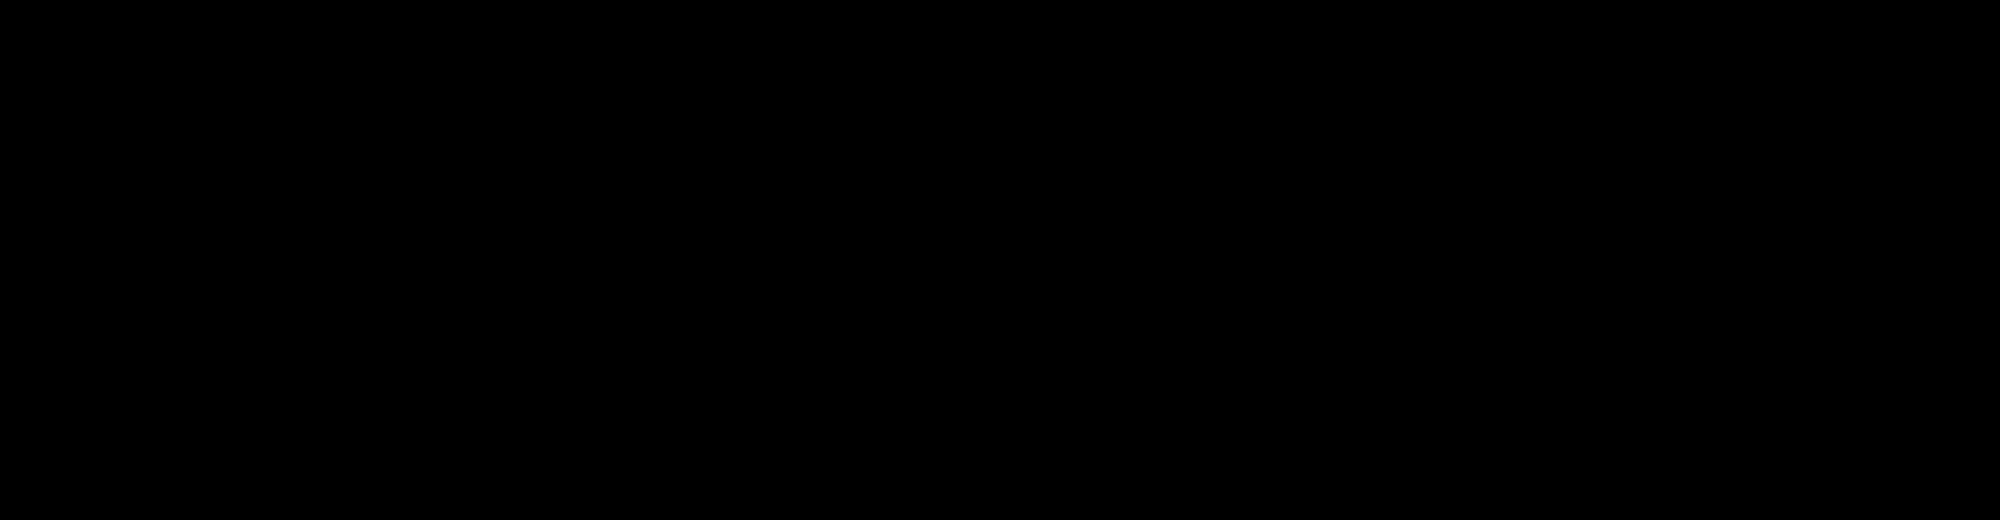 SF Gechingen Faustball